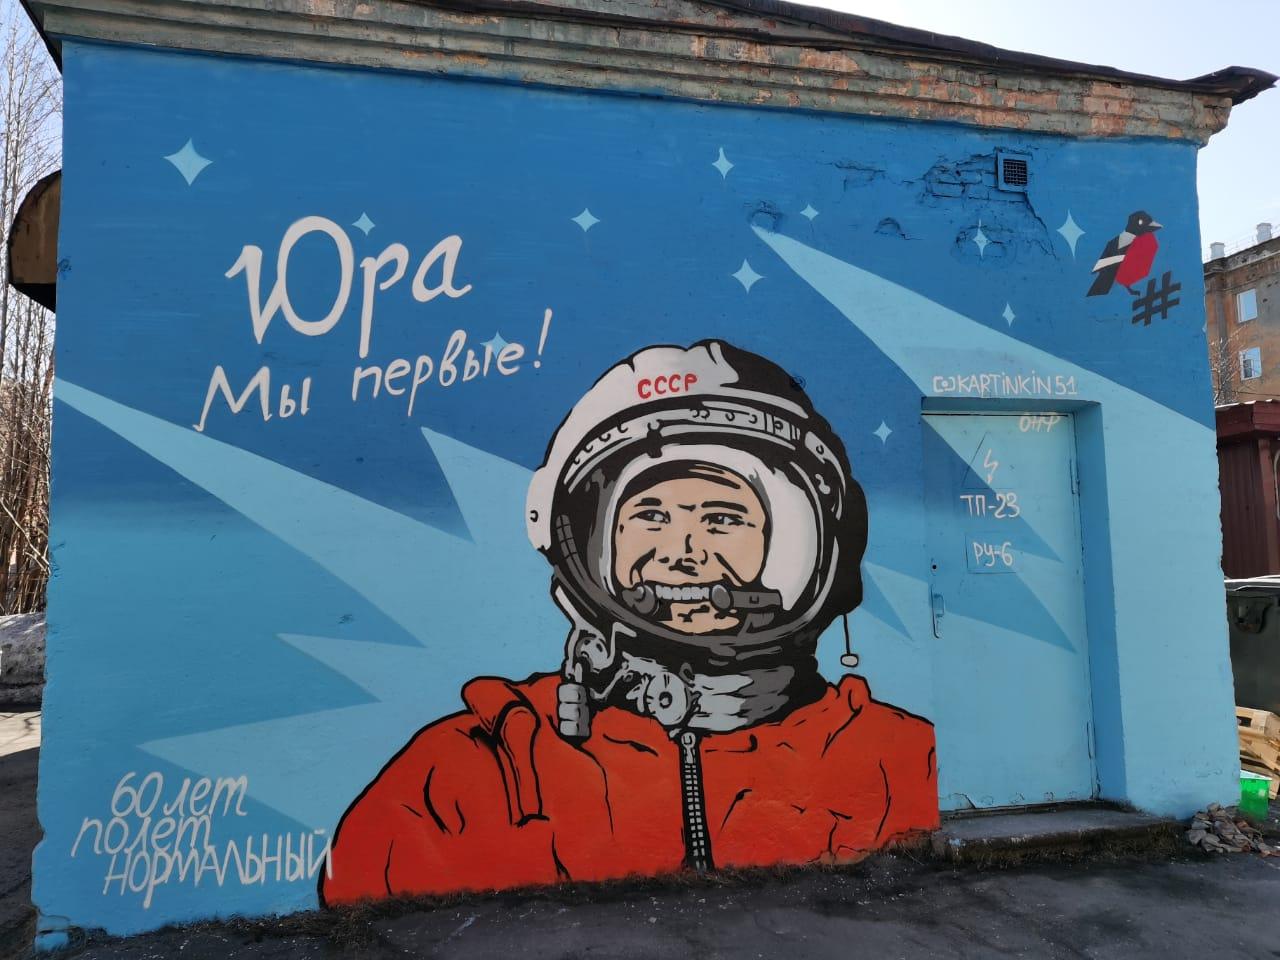 А на улице Володарского появилось граффити в честь Юрия Гагарина